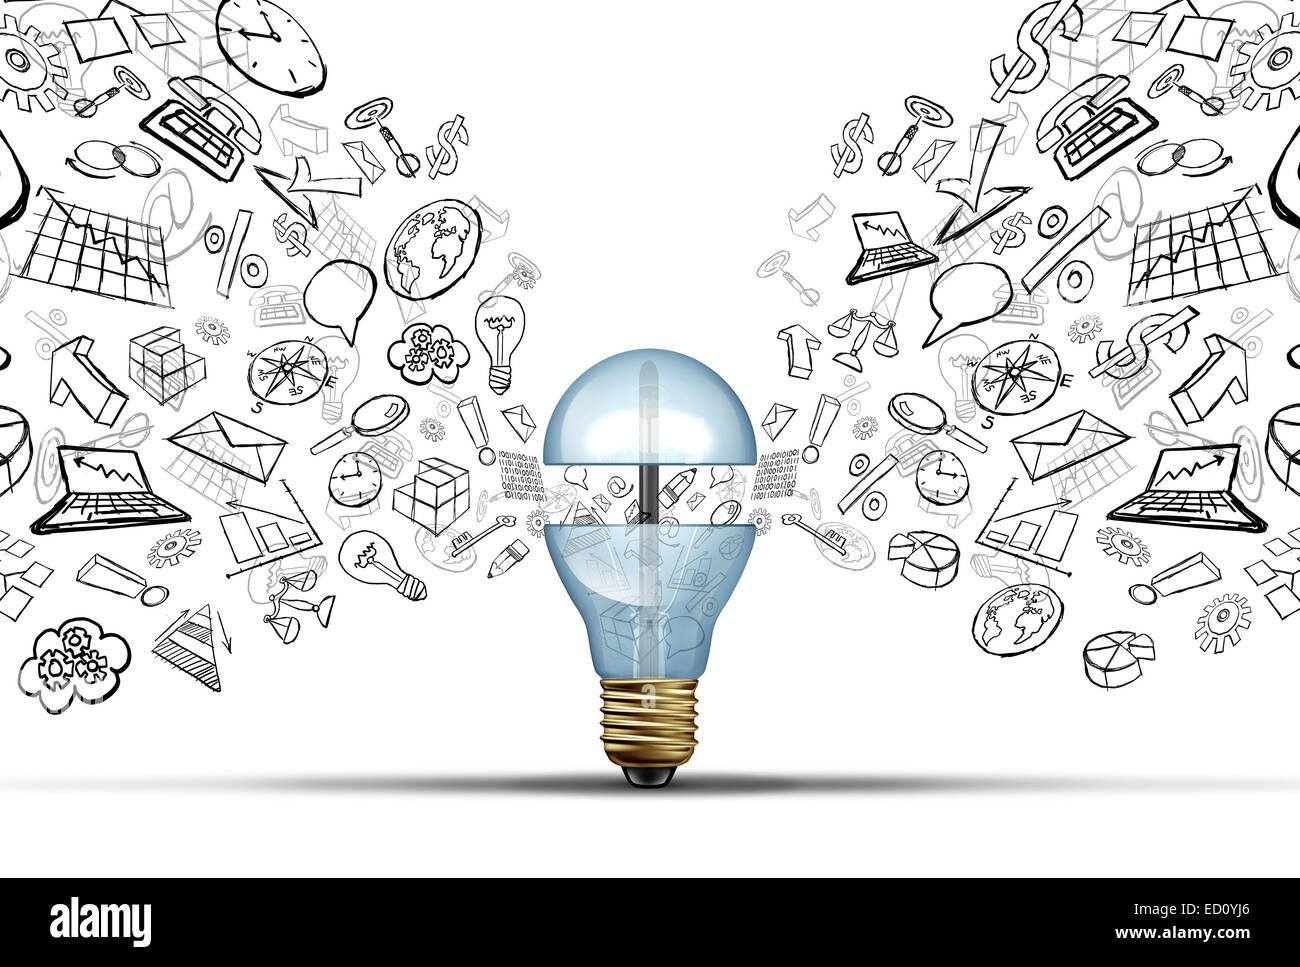 Business Innovation Ideen-Konzept als eine offene Glühbirne mit Finanz- und Office-Symbole als Kommunikation Stockbild